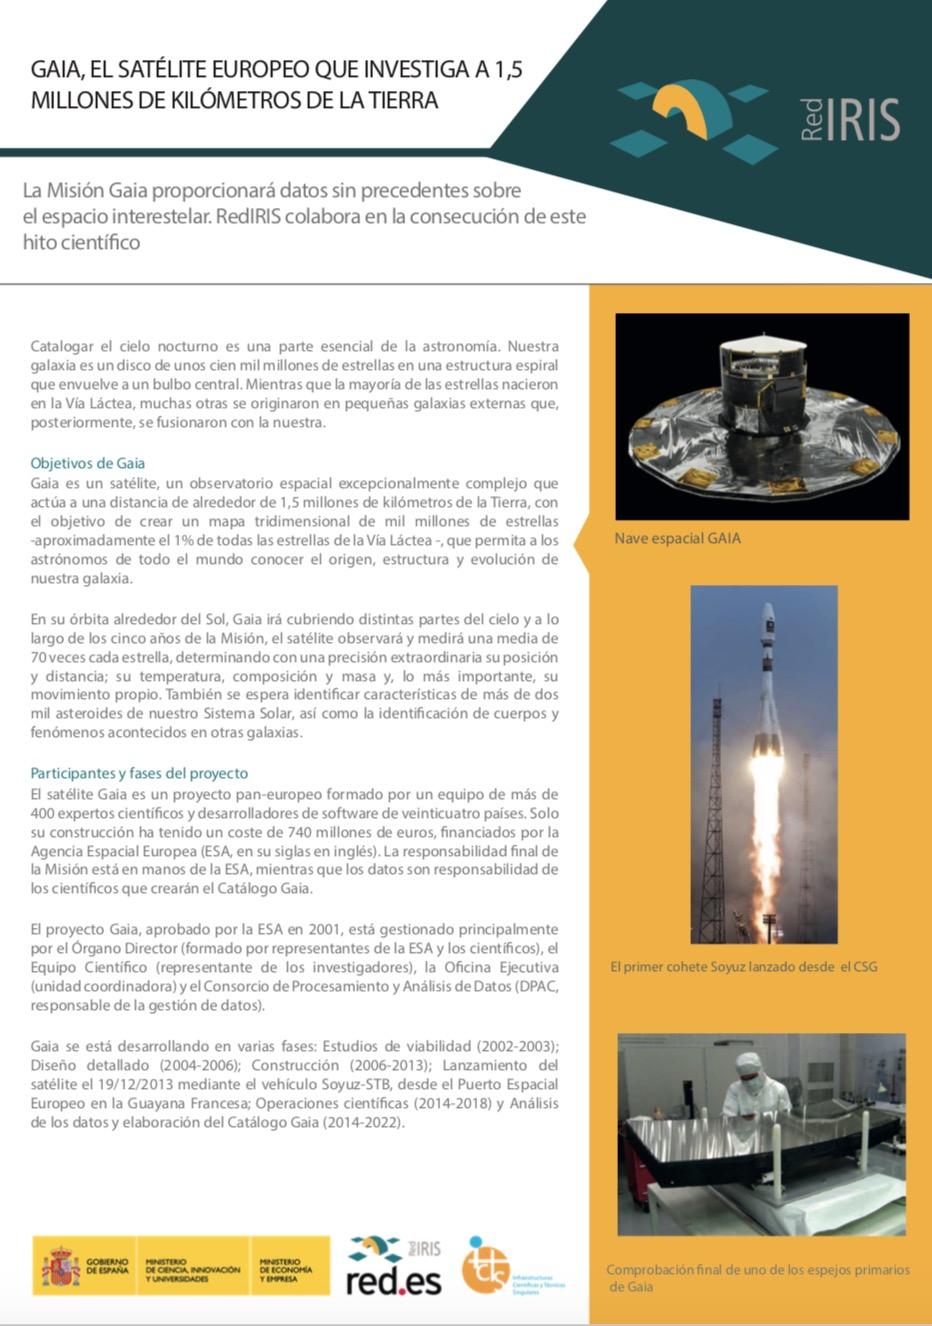 1aa6c47b089 Gaia es un satélite, un observatorio espacial excepcionalmente complejo que  actúa a una distancia de alrededor de 1,5 millones de kilómetros de la  Tierra, ...